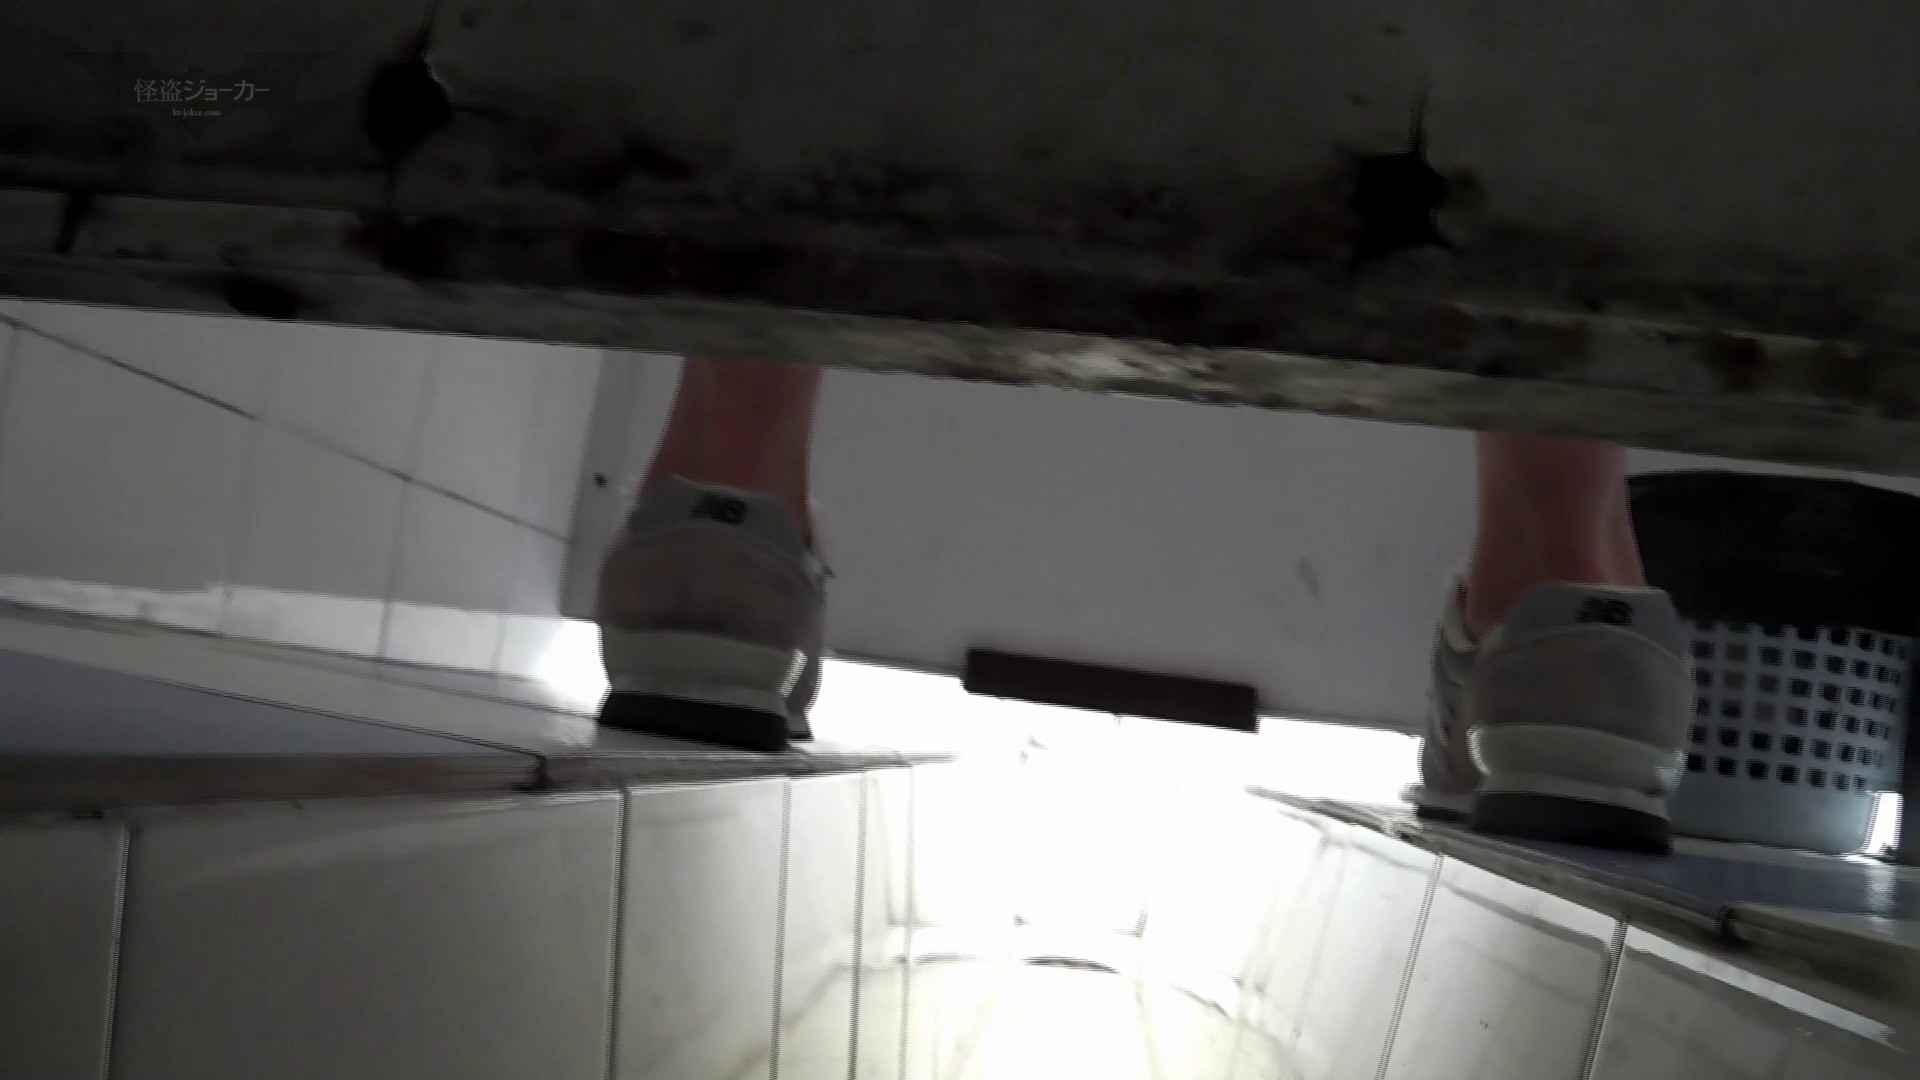 下からノゾム vol.031 扉を壊しみたら、漏れそうな子が閉じずに入ってくれた 色っぽいOL達  78pic 22